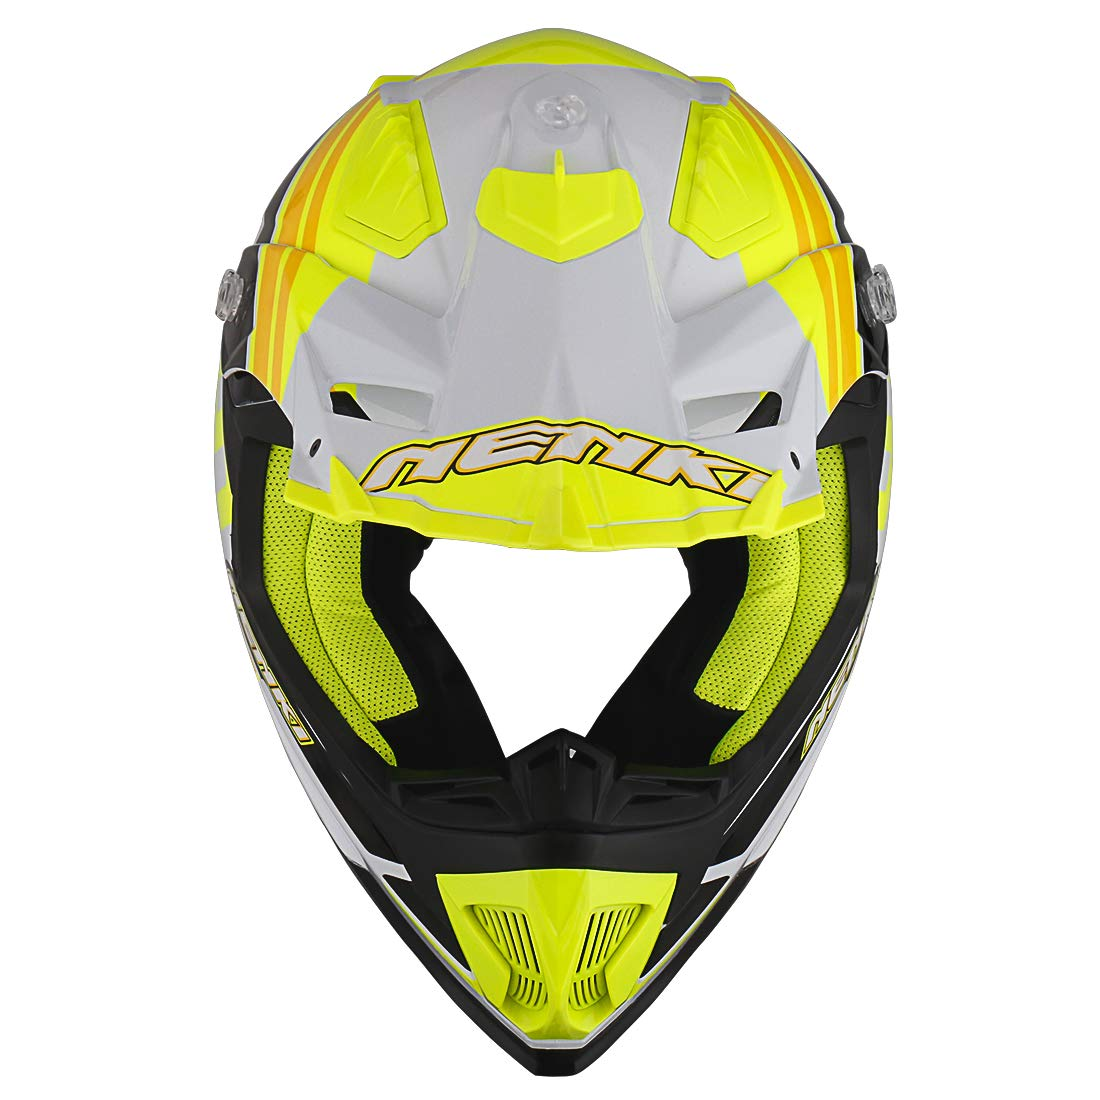 NENKI Casco Motocross NK-315 ECE Omologato Donna Uomo L